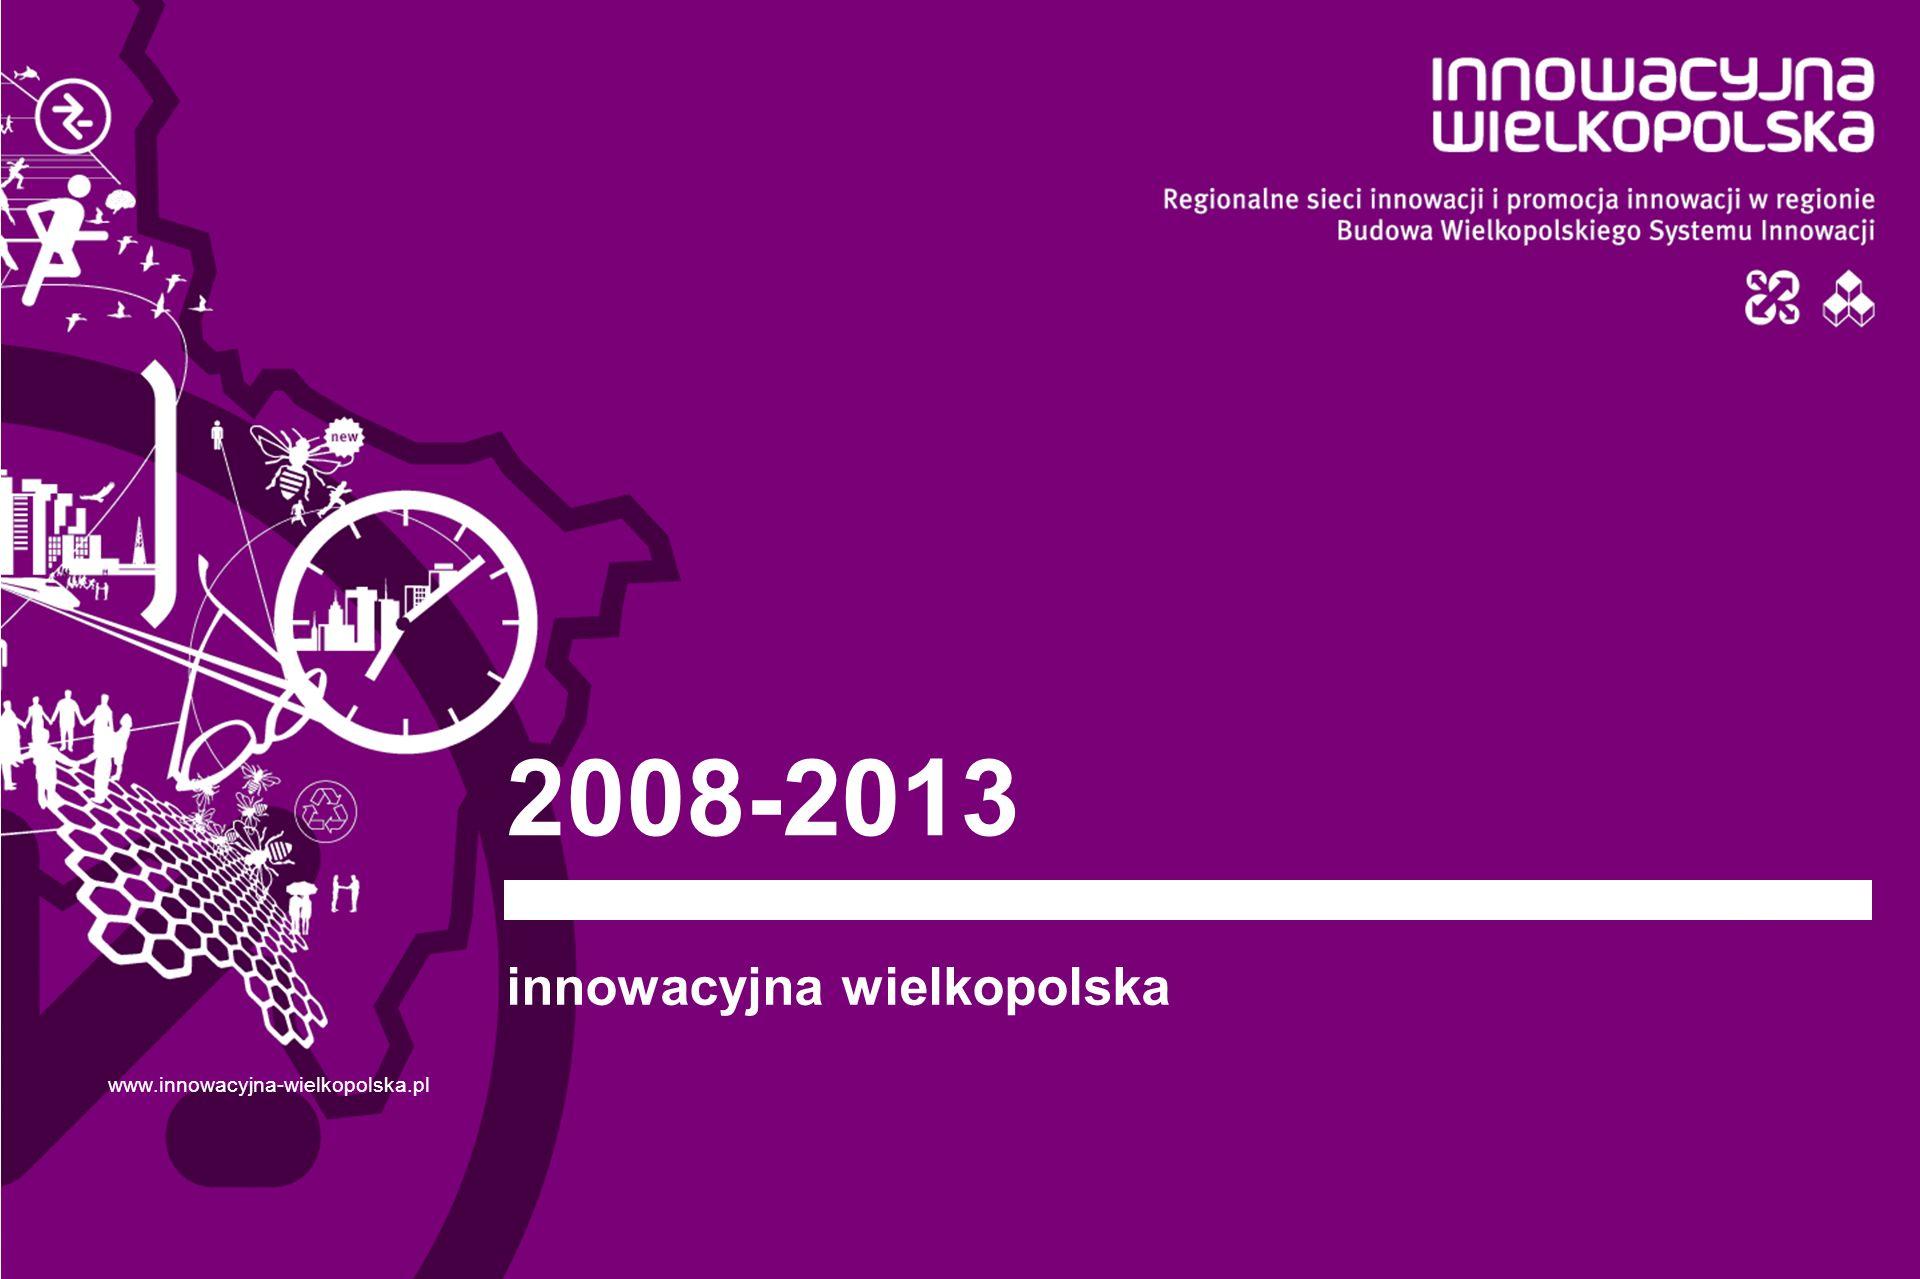 www.innowacyjna-wielkopolska.pl 01 Aktywna rola samorządu województwa w kreowaniu polityki innowacyjnej Projekty systemowe